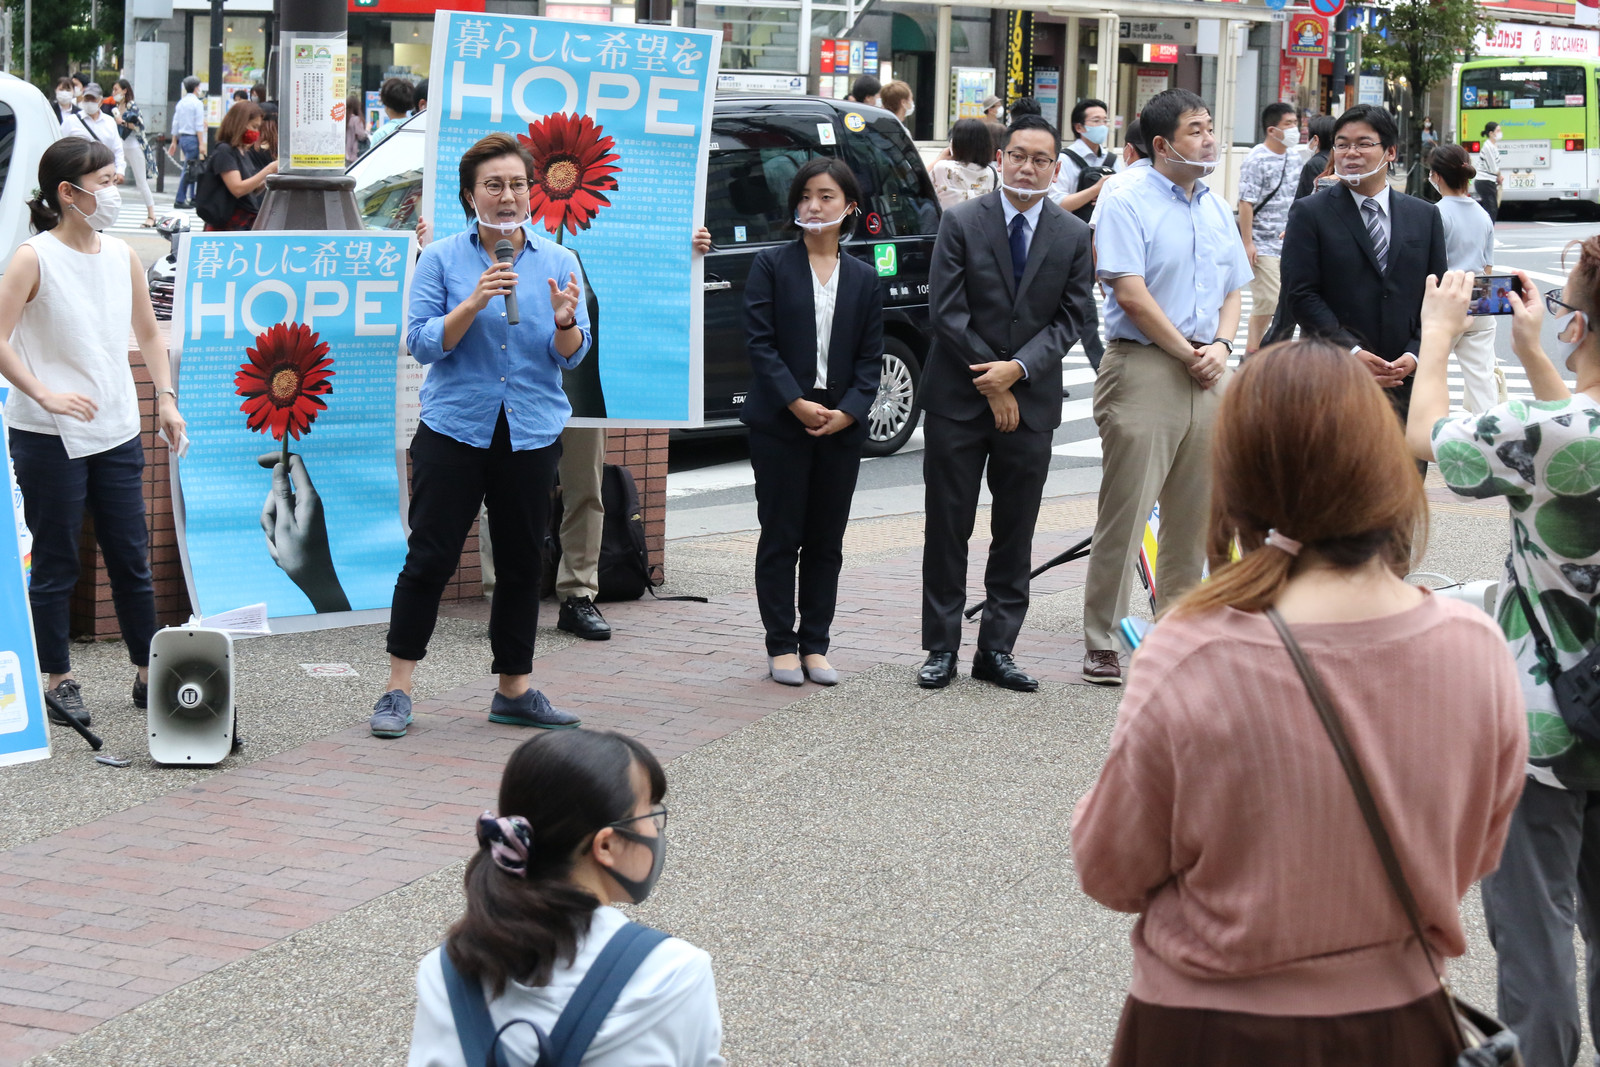 青年学生後援会の街頭宣伝で訴える(左から)米倉、池内、吉川、西之原、香西、沢田の各氏